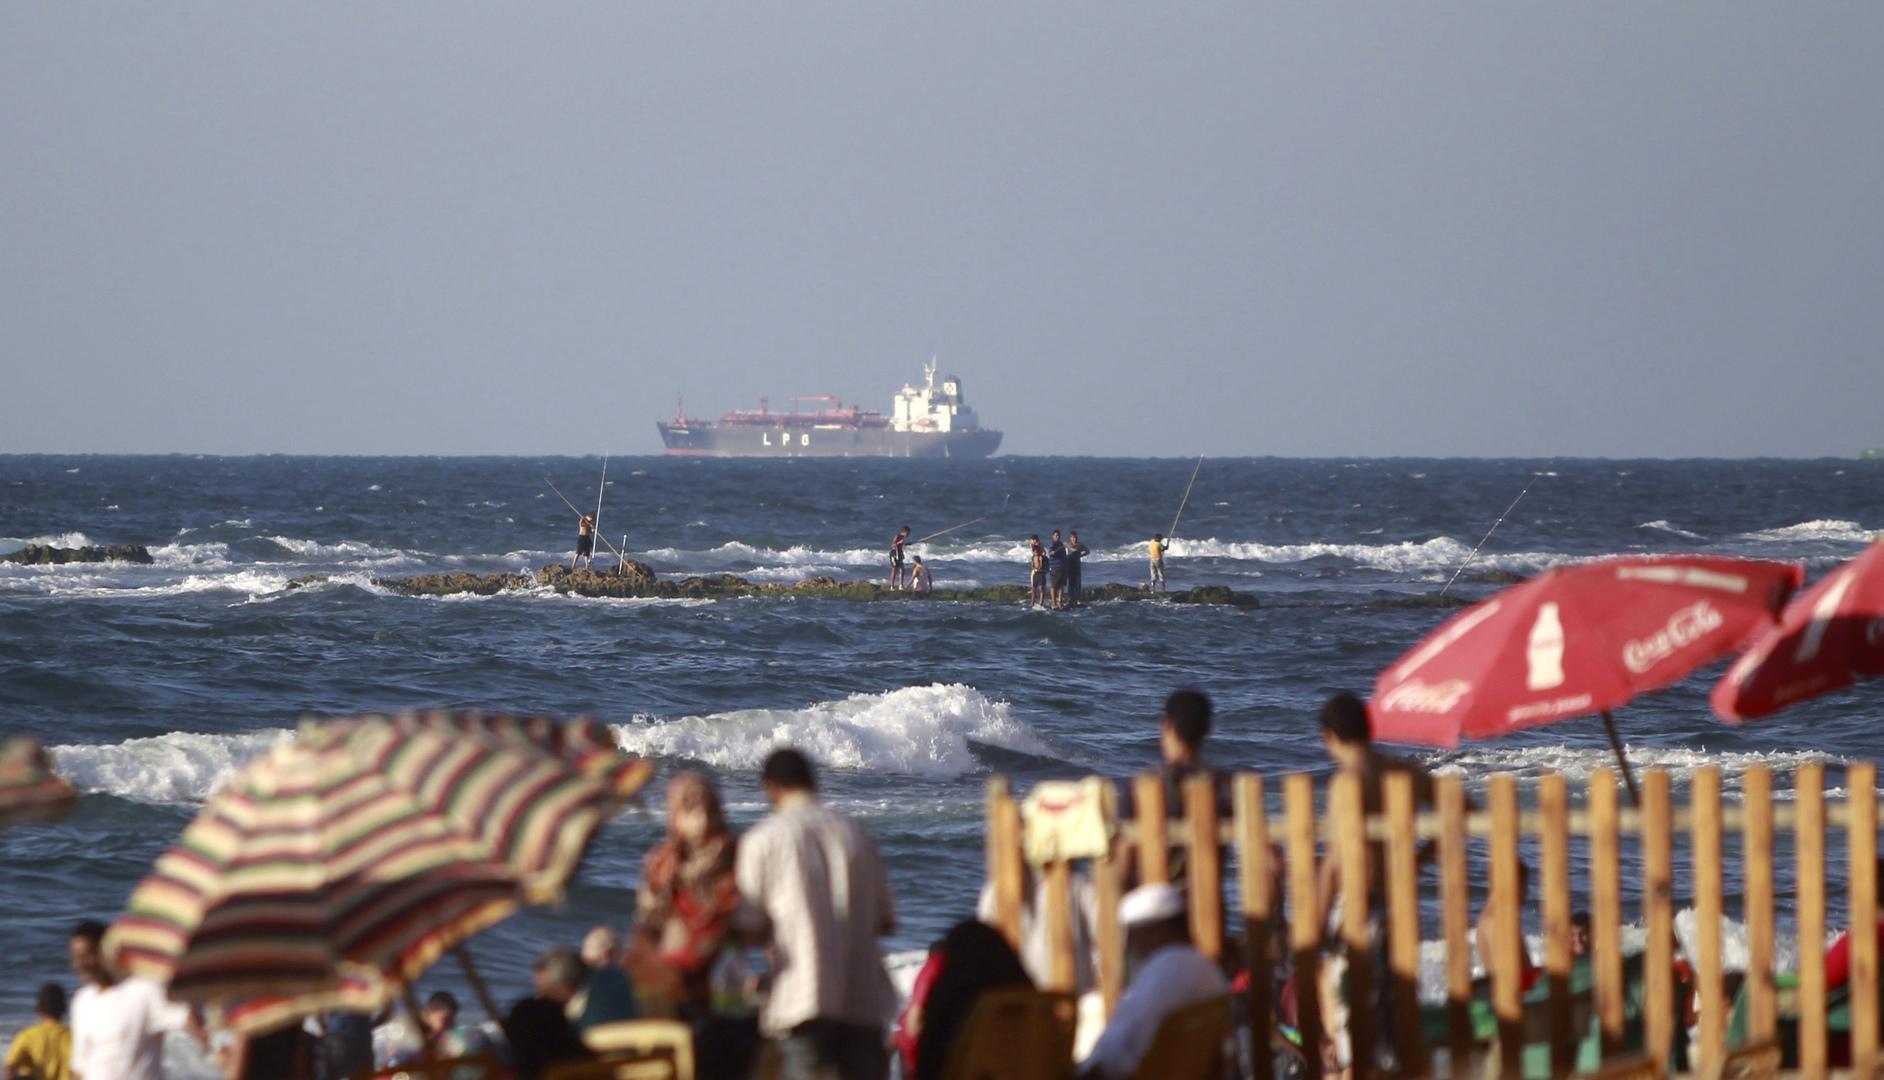 بالفيديو.. ضبط شاحنة من الحشيش بميناء الإسكندرية قادمة من إحدى الدول العربية